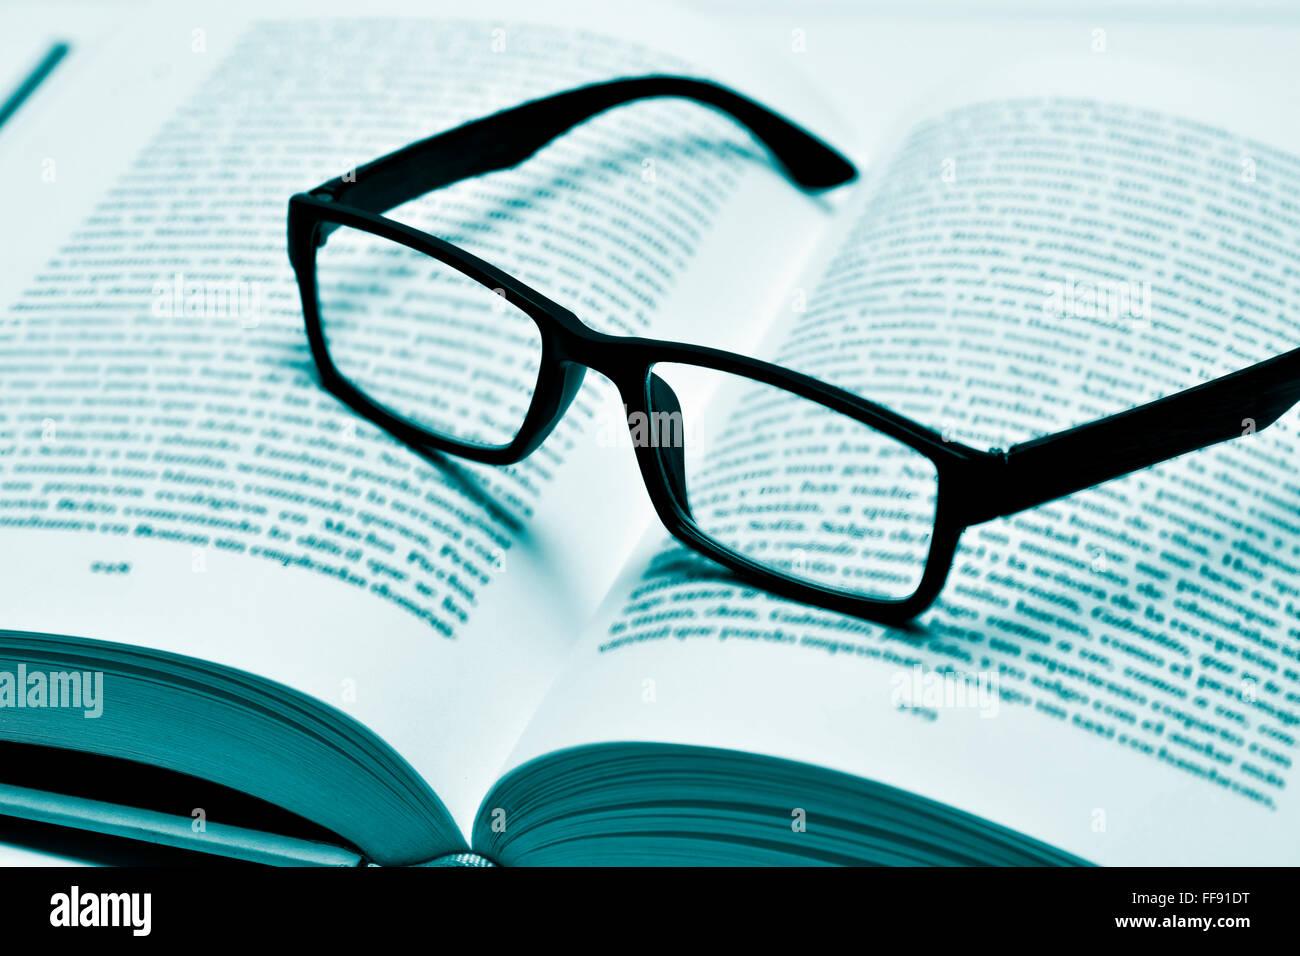 Primer plano de un par de lentes de montura de plástico negro sobre un libro abierto, en duotono Imagen De Stock